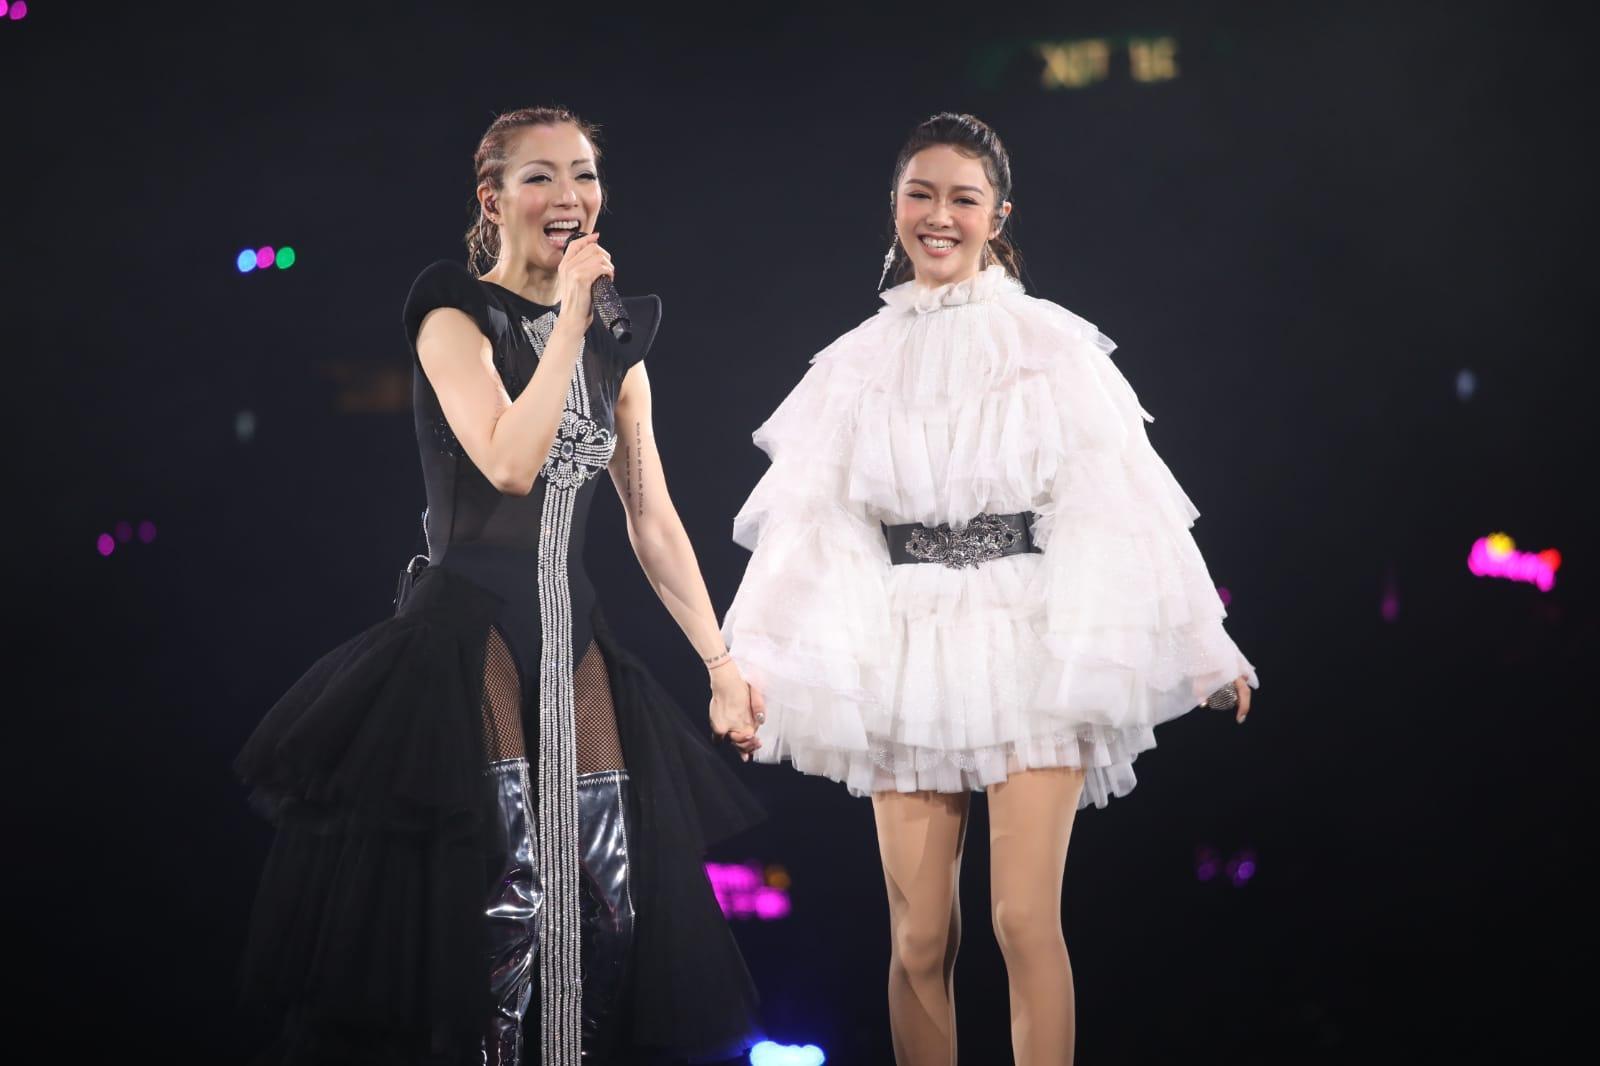 鄭欣宜及薛凱琪擔任首場演出嘉賓。